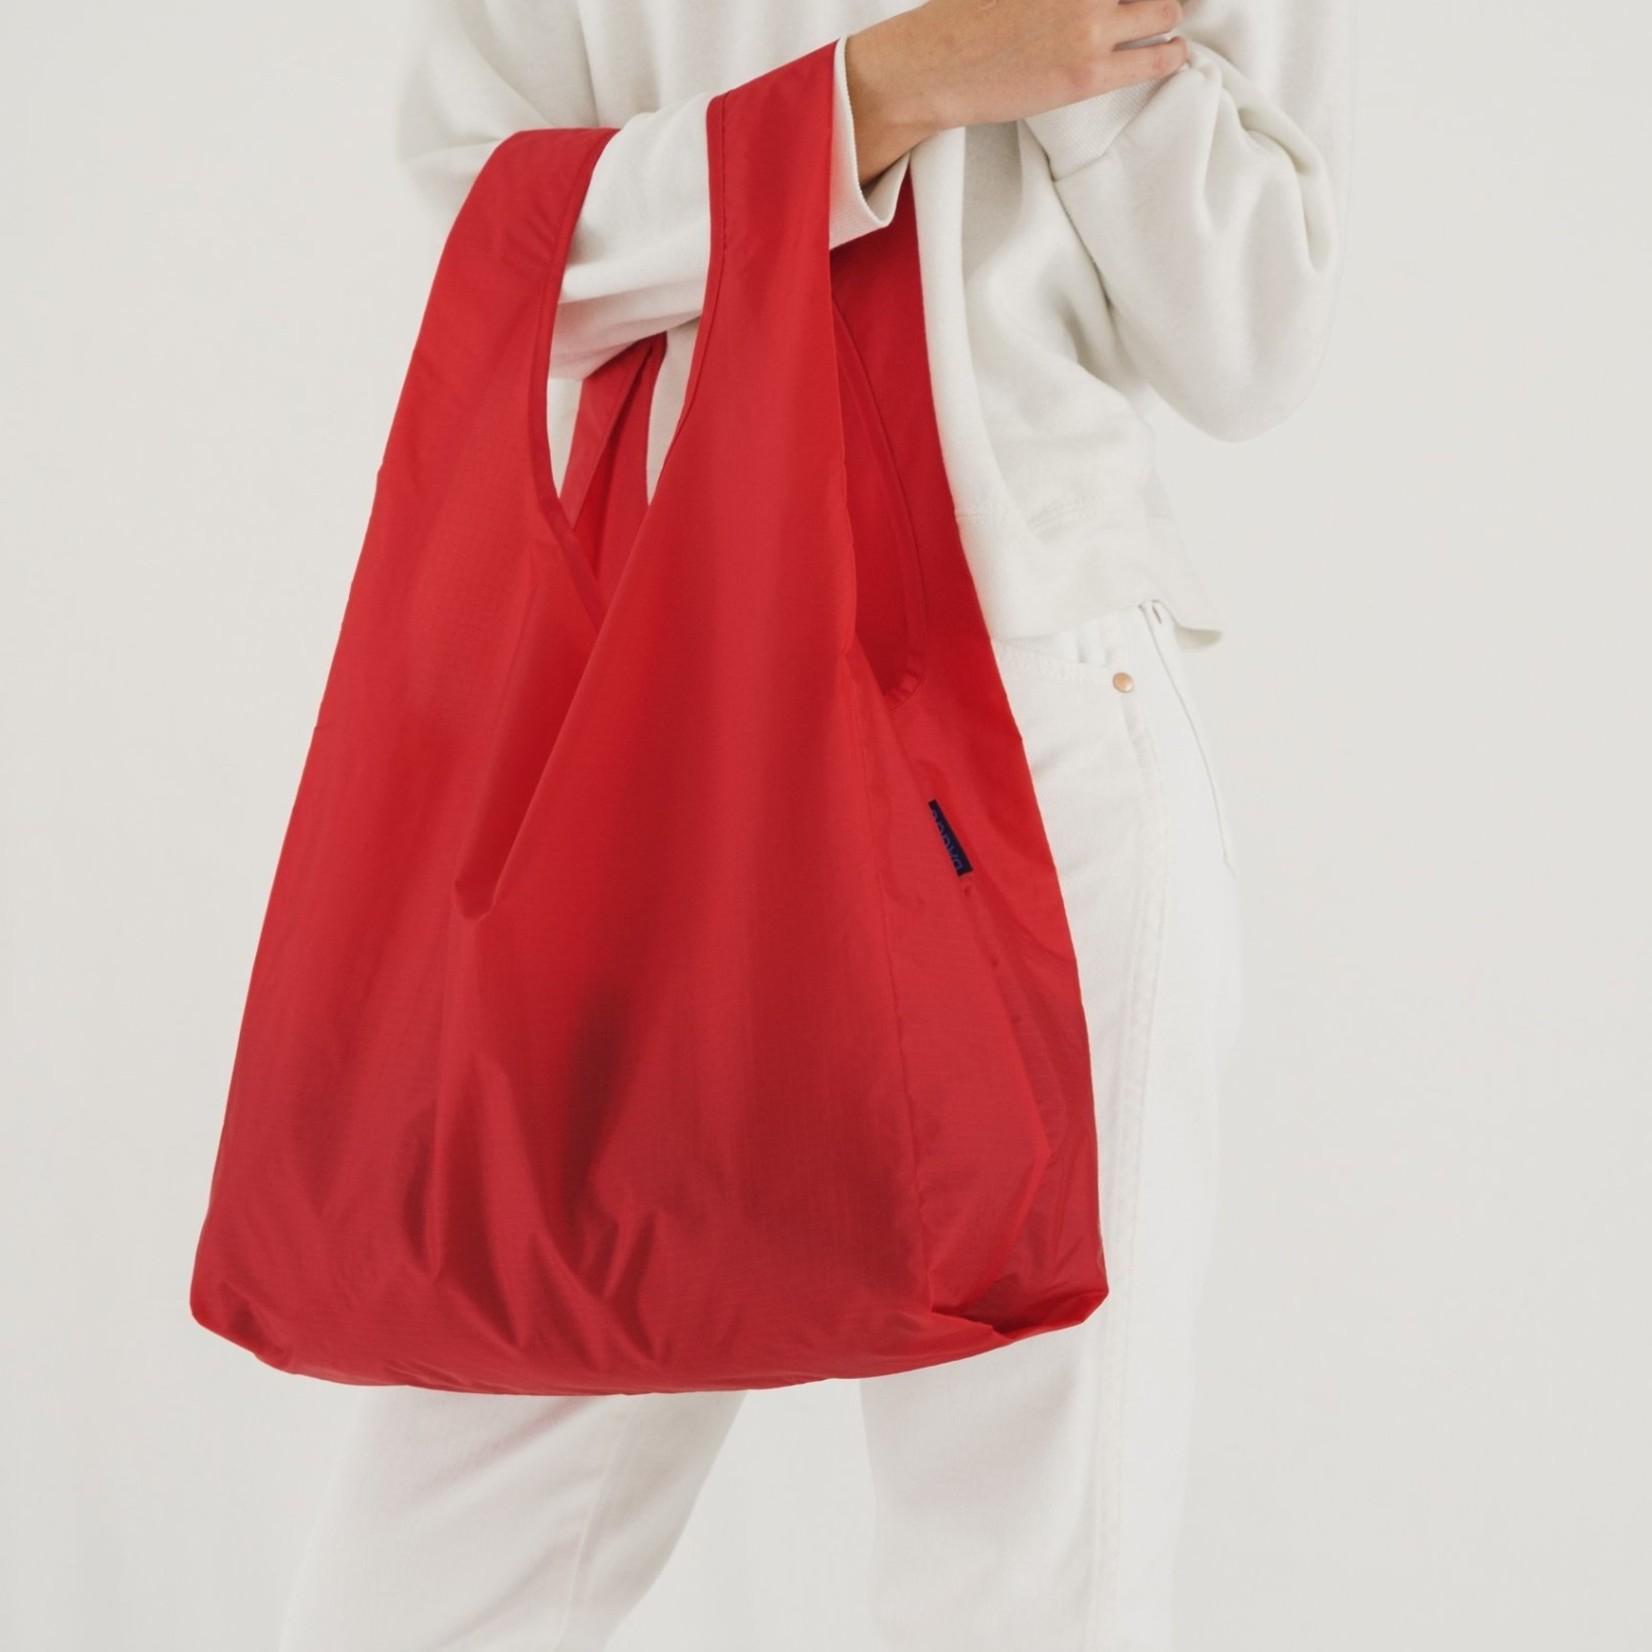 Baggu Baggu Reusable Bag Standard - Solid Red